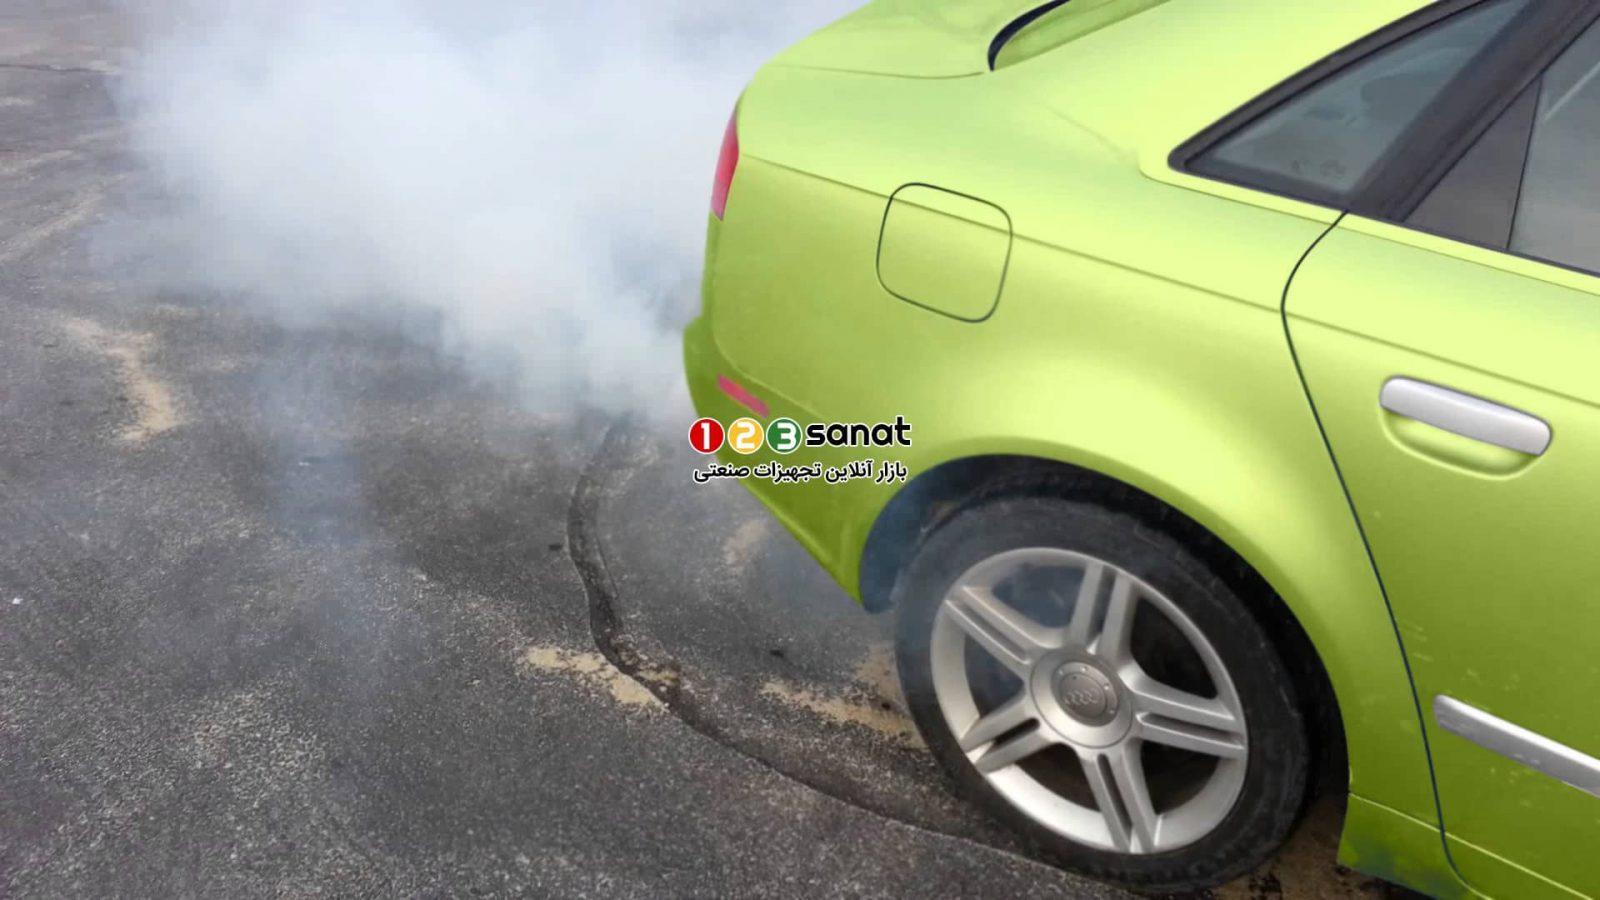 روغن کم کردن خودرو